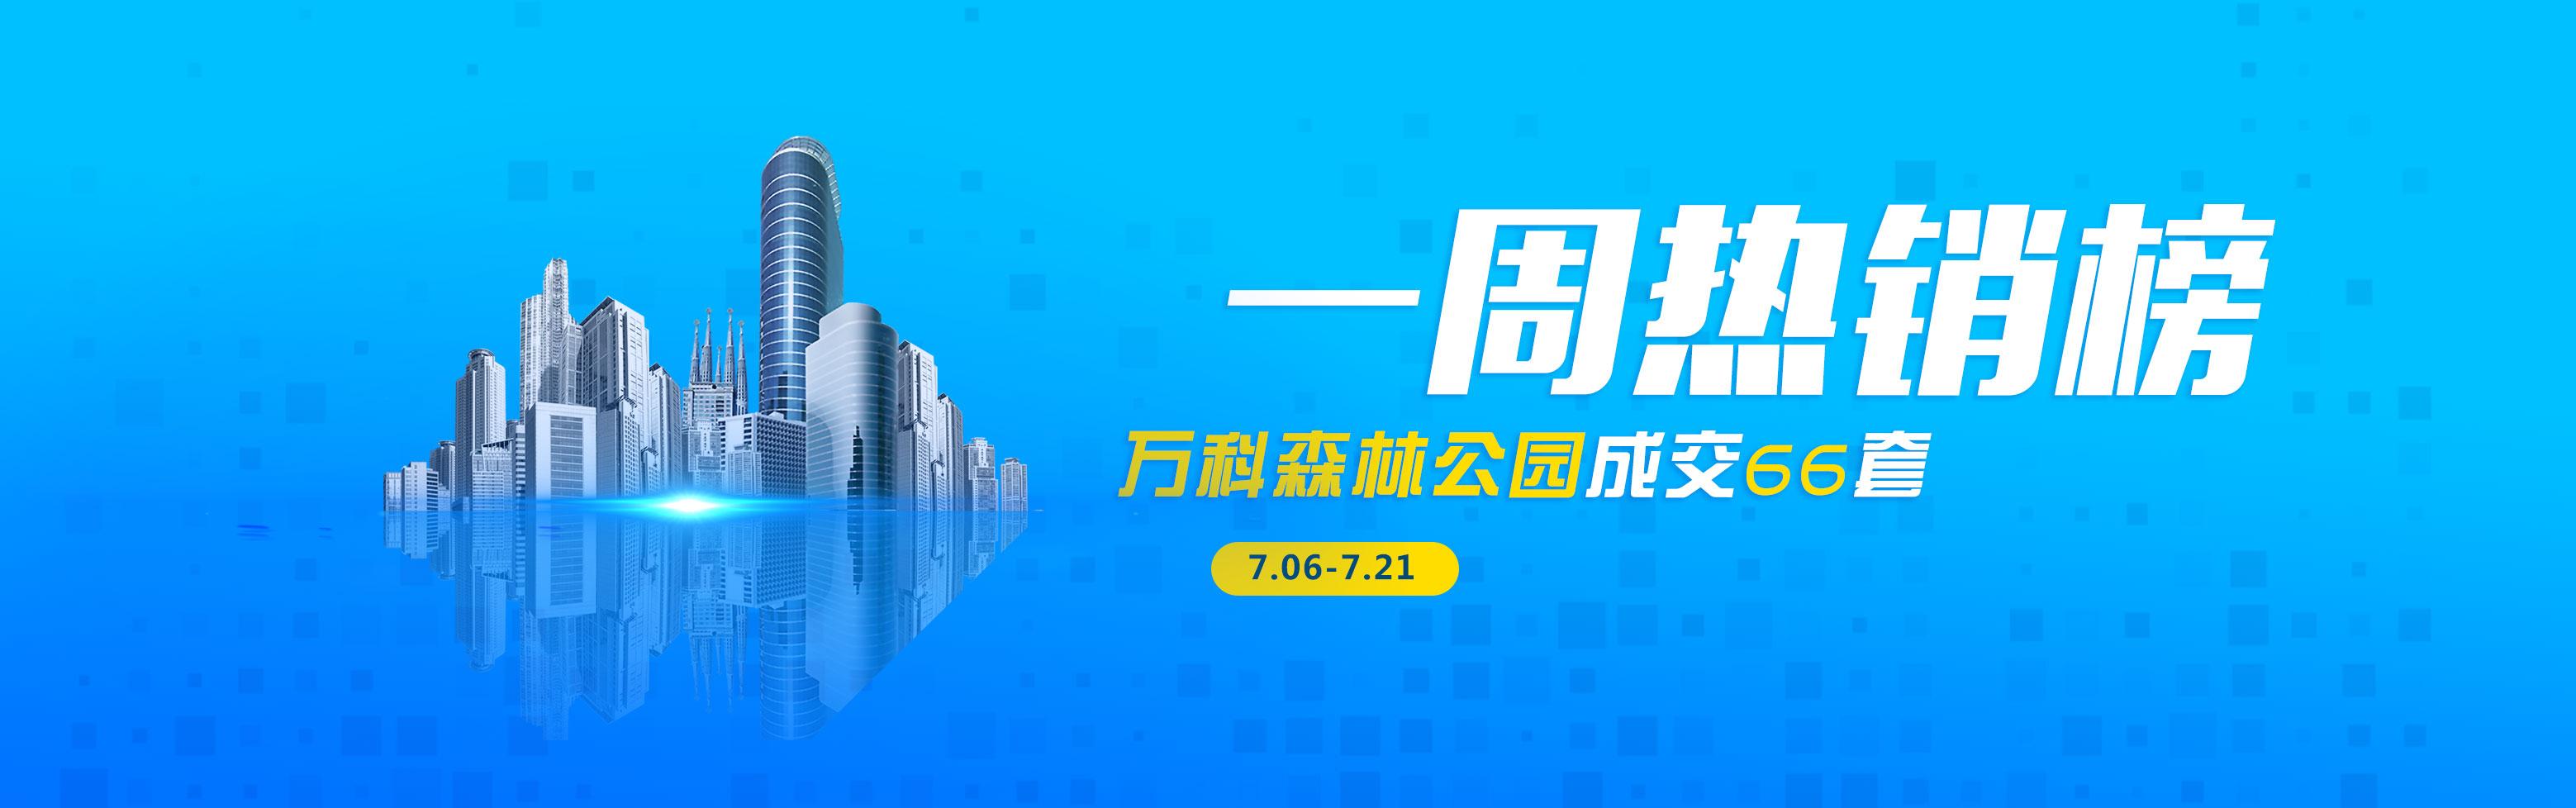 一周热销榜(7.06-7.12)